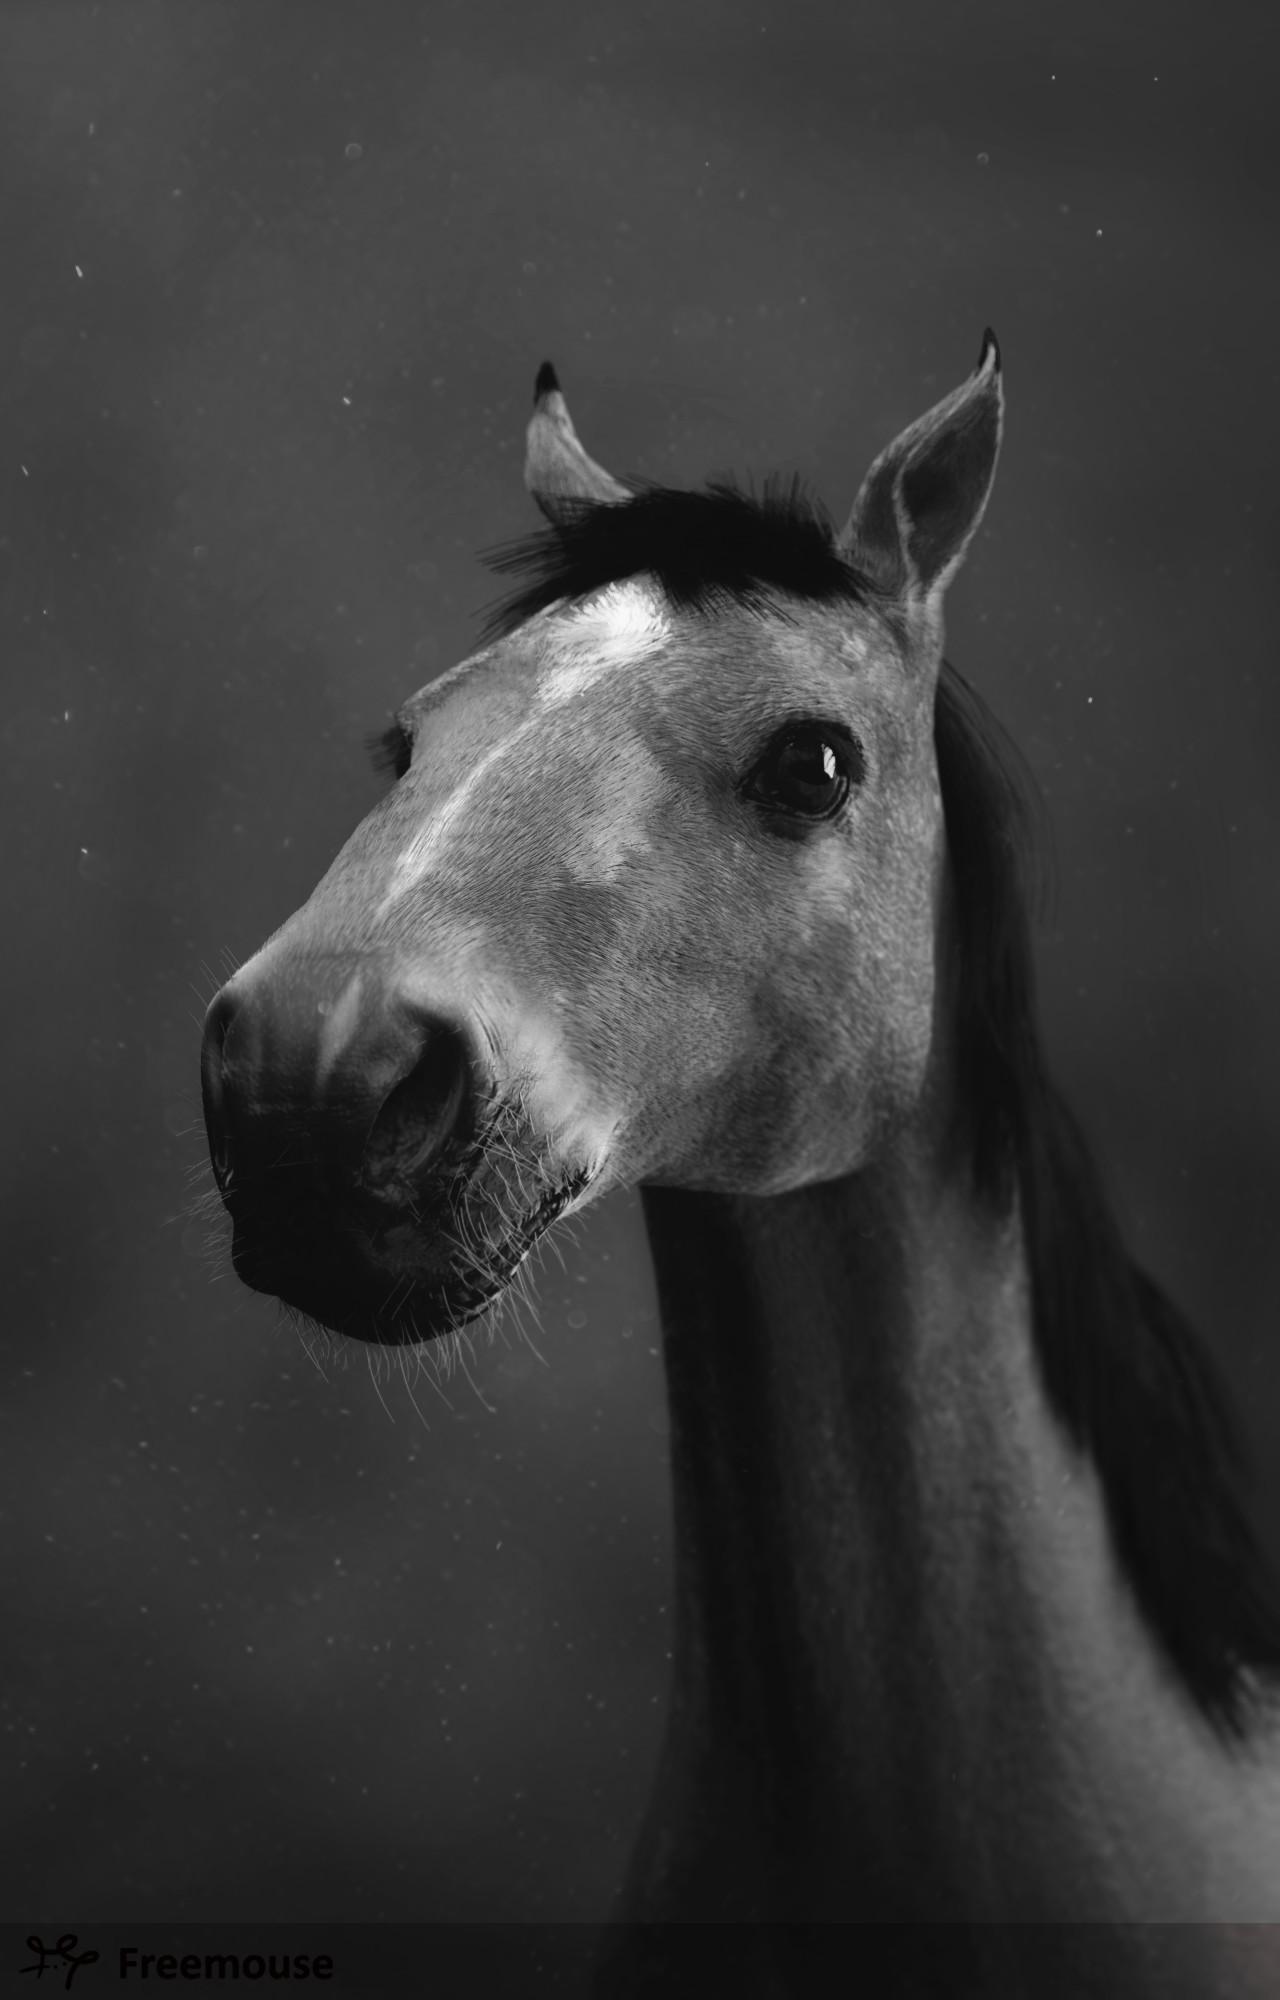 Anais barbeau sanction horse render02nb